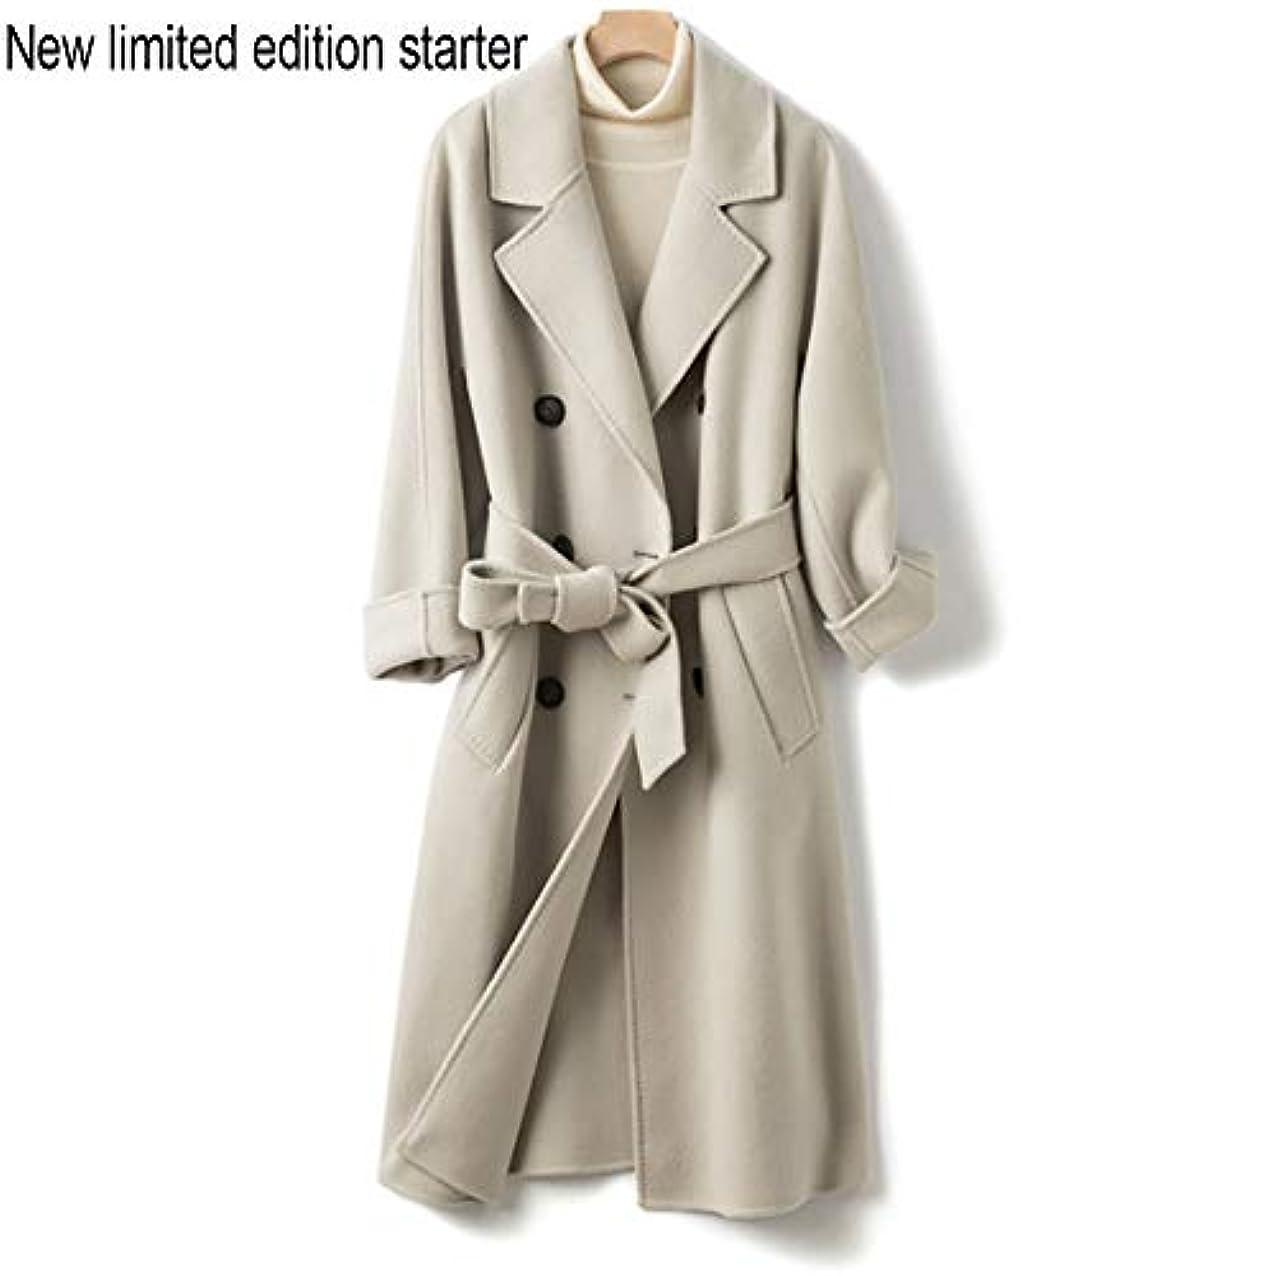 きょうだい移動破壊するウールコート、両面コート、ロングウールコート、秋と冬新しい婦人服女性のうれしそうな冬のジャケットコート